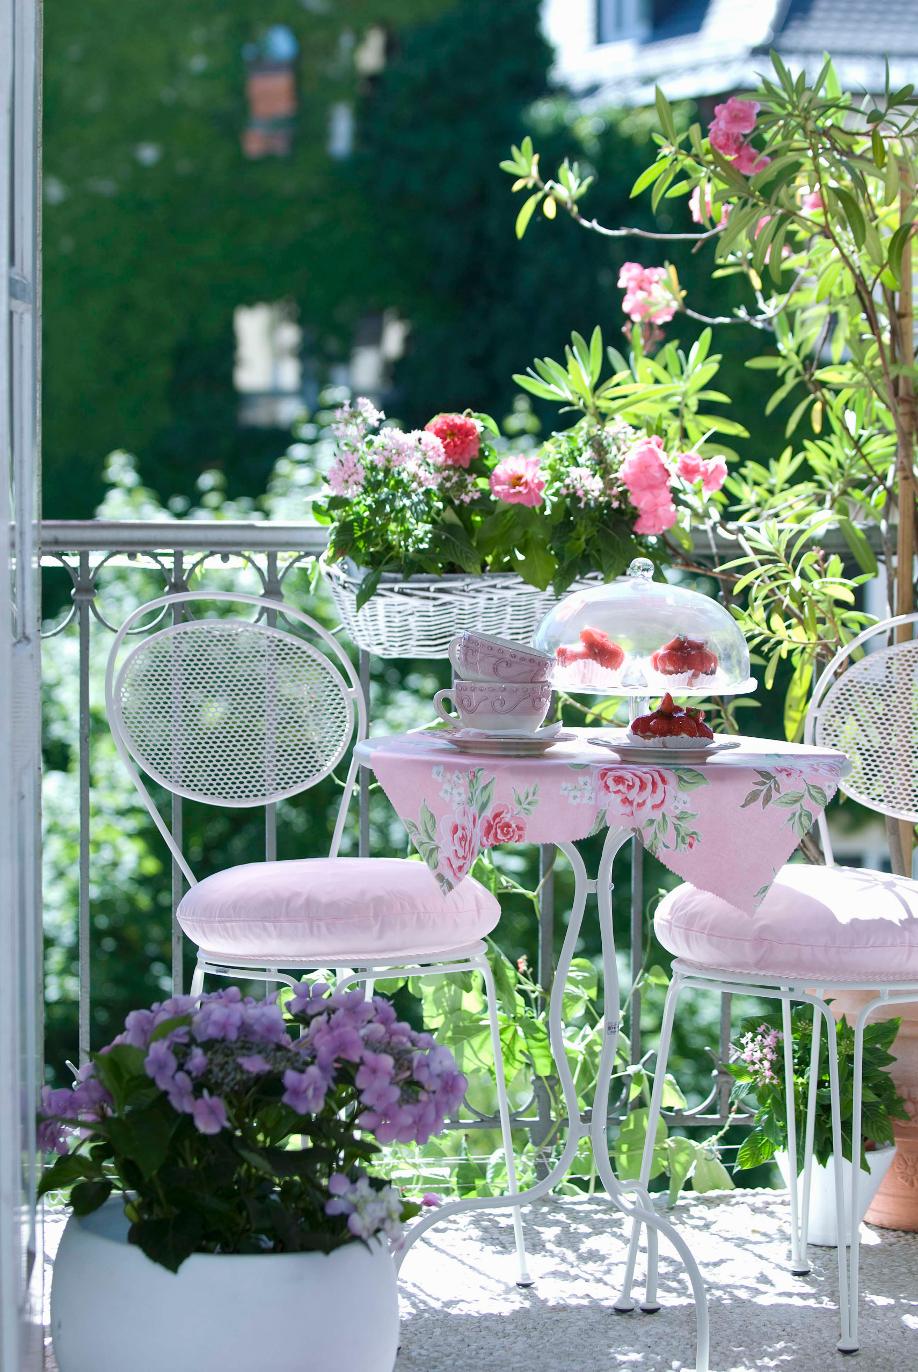 westwing-balkony-romantyczne 2